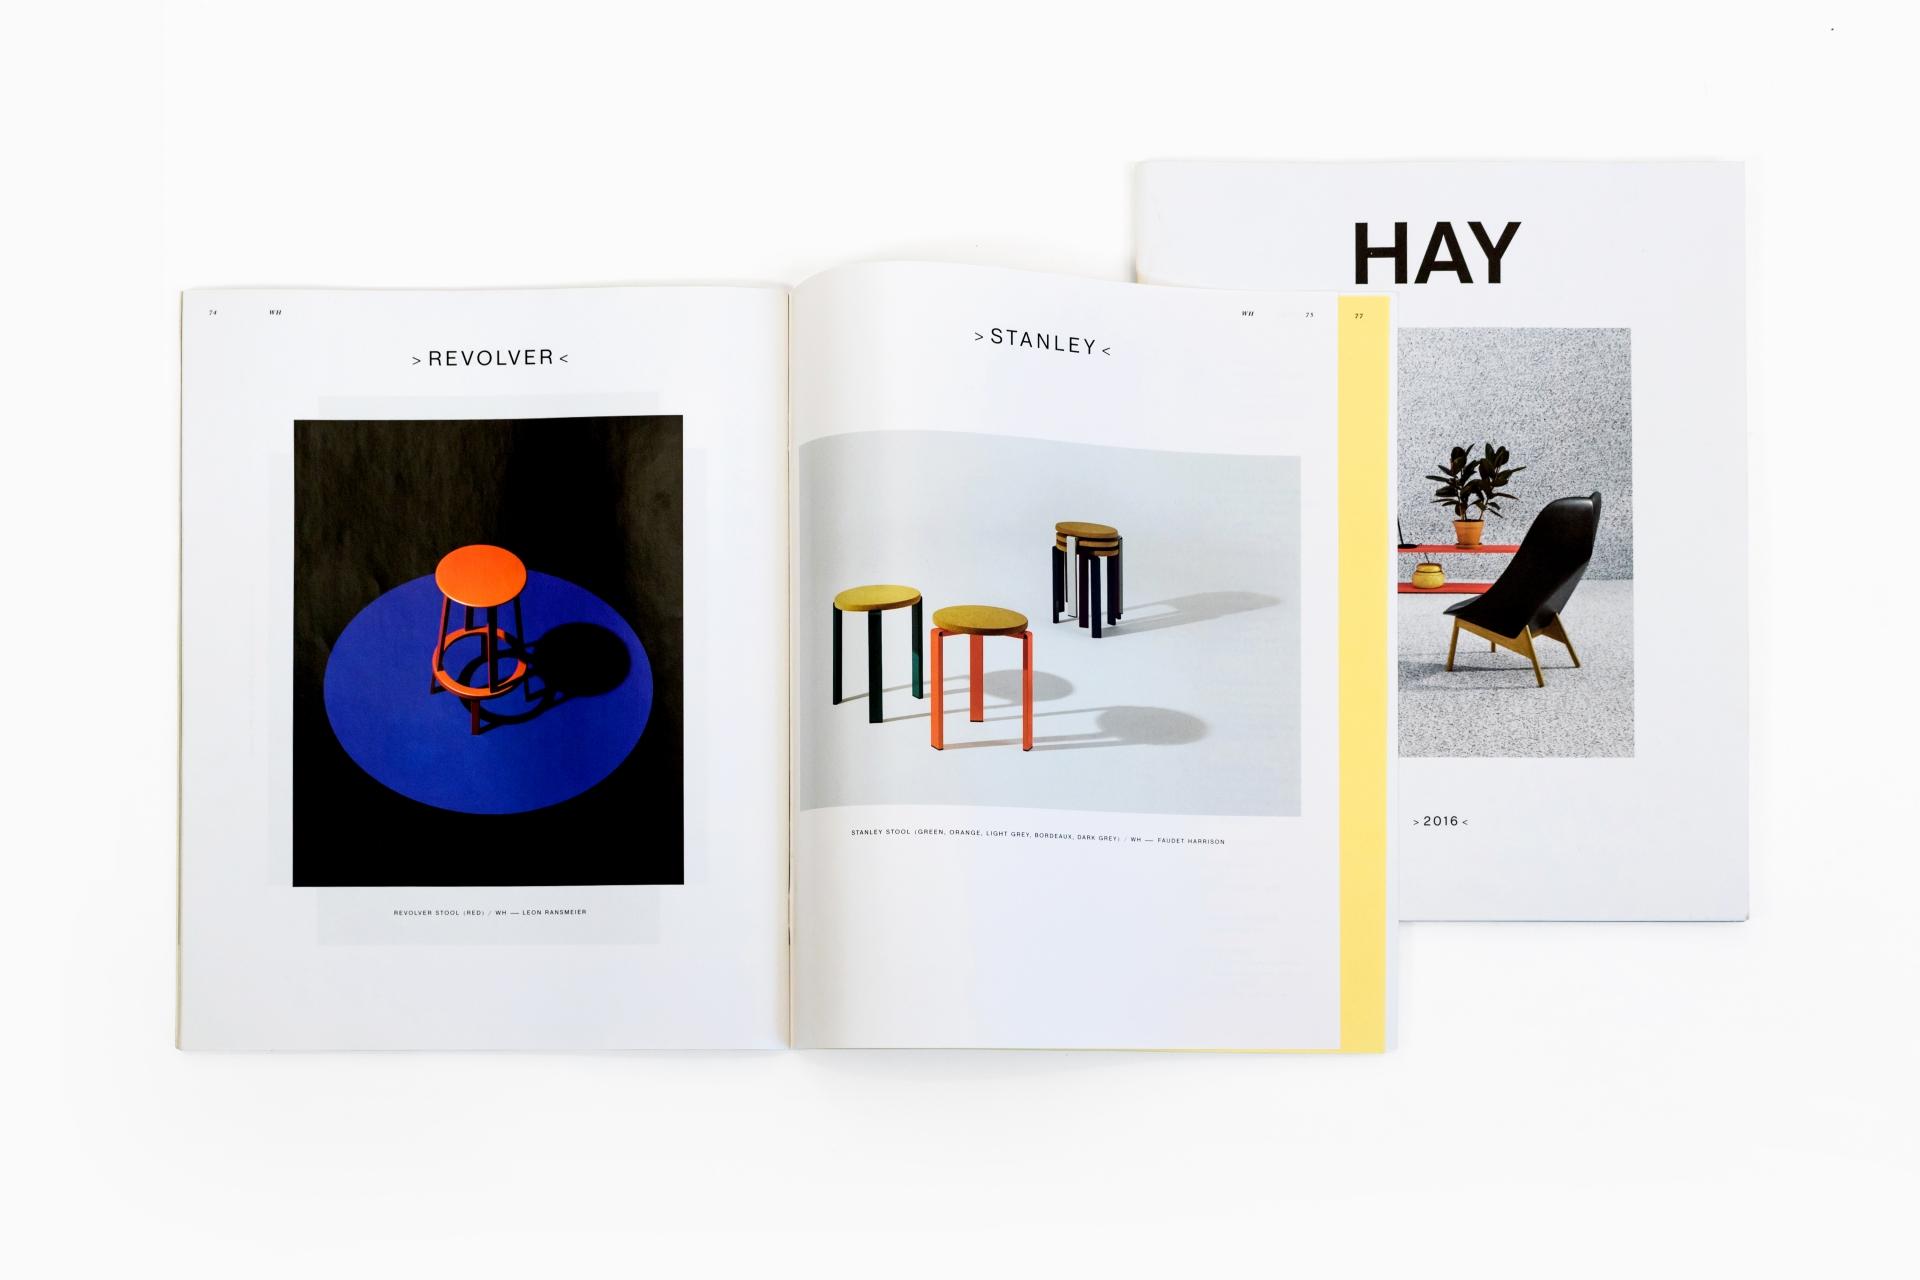 C.v.Z. CATALOGS / HAY